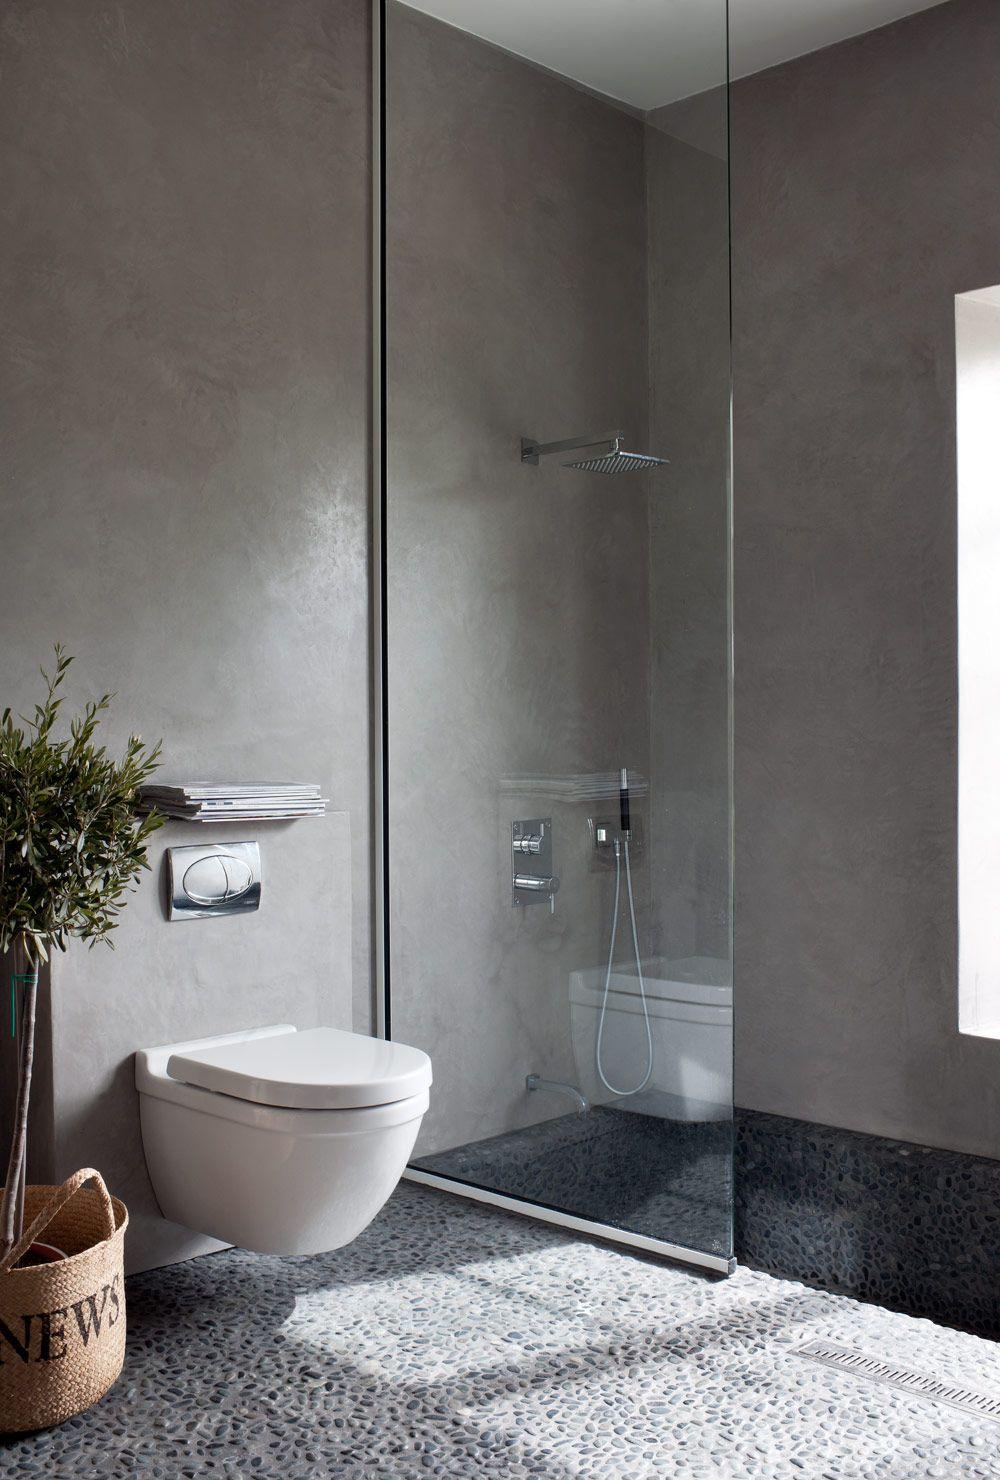 Монохромные оттенки серого в сочетании со стеклом в ванной